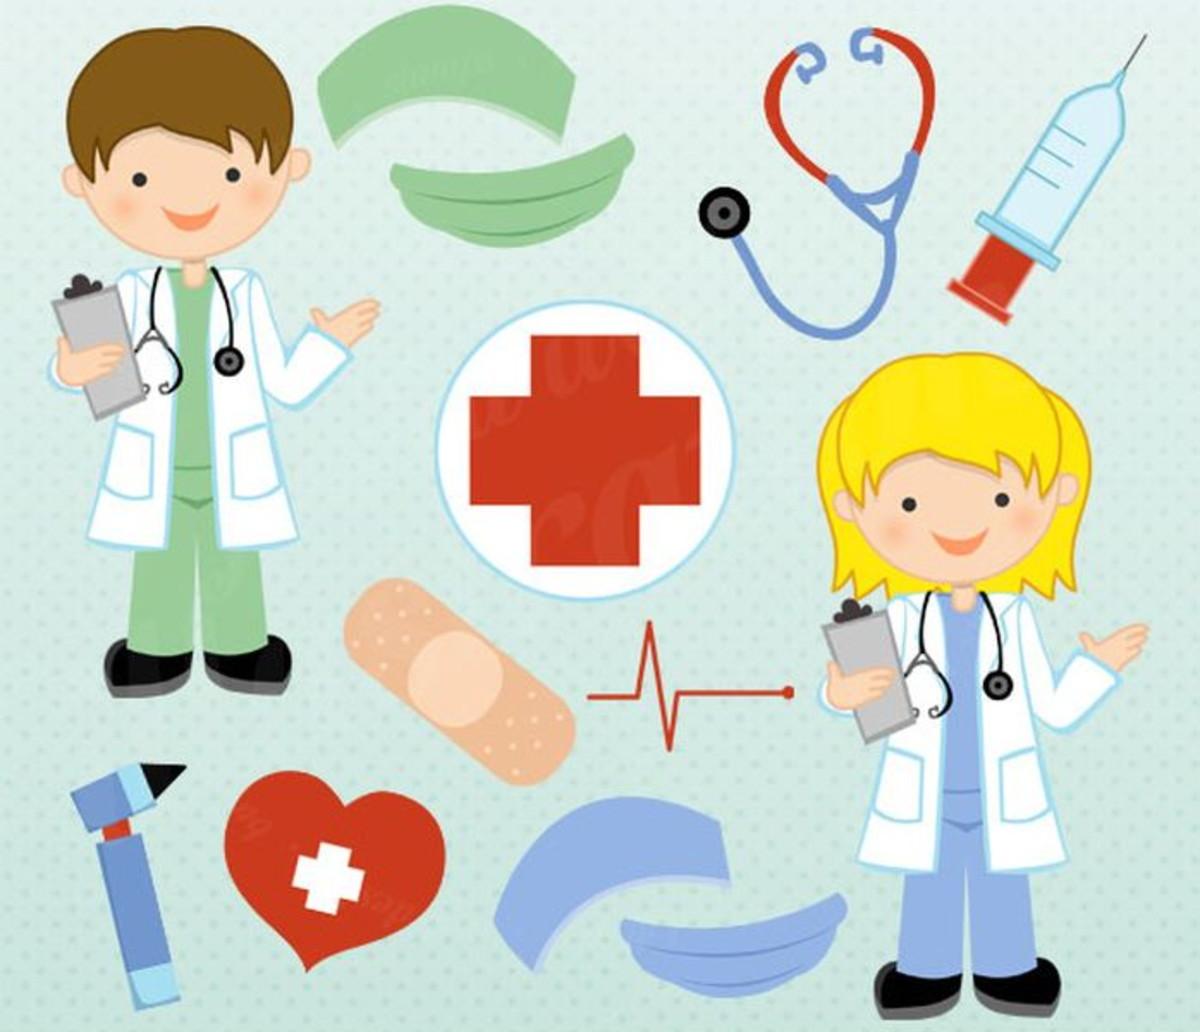 Kit Digital Imagens Médicos Enfermeiros Hospital JW18 no Elo7 | Renata  Fonseca (E658AB)